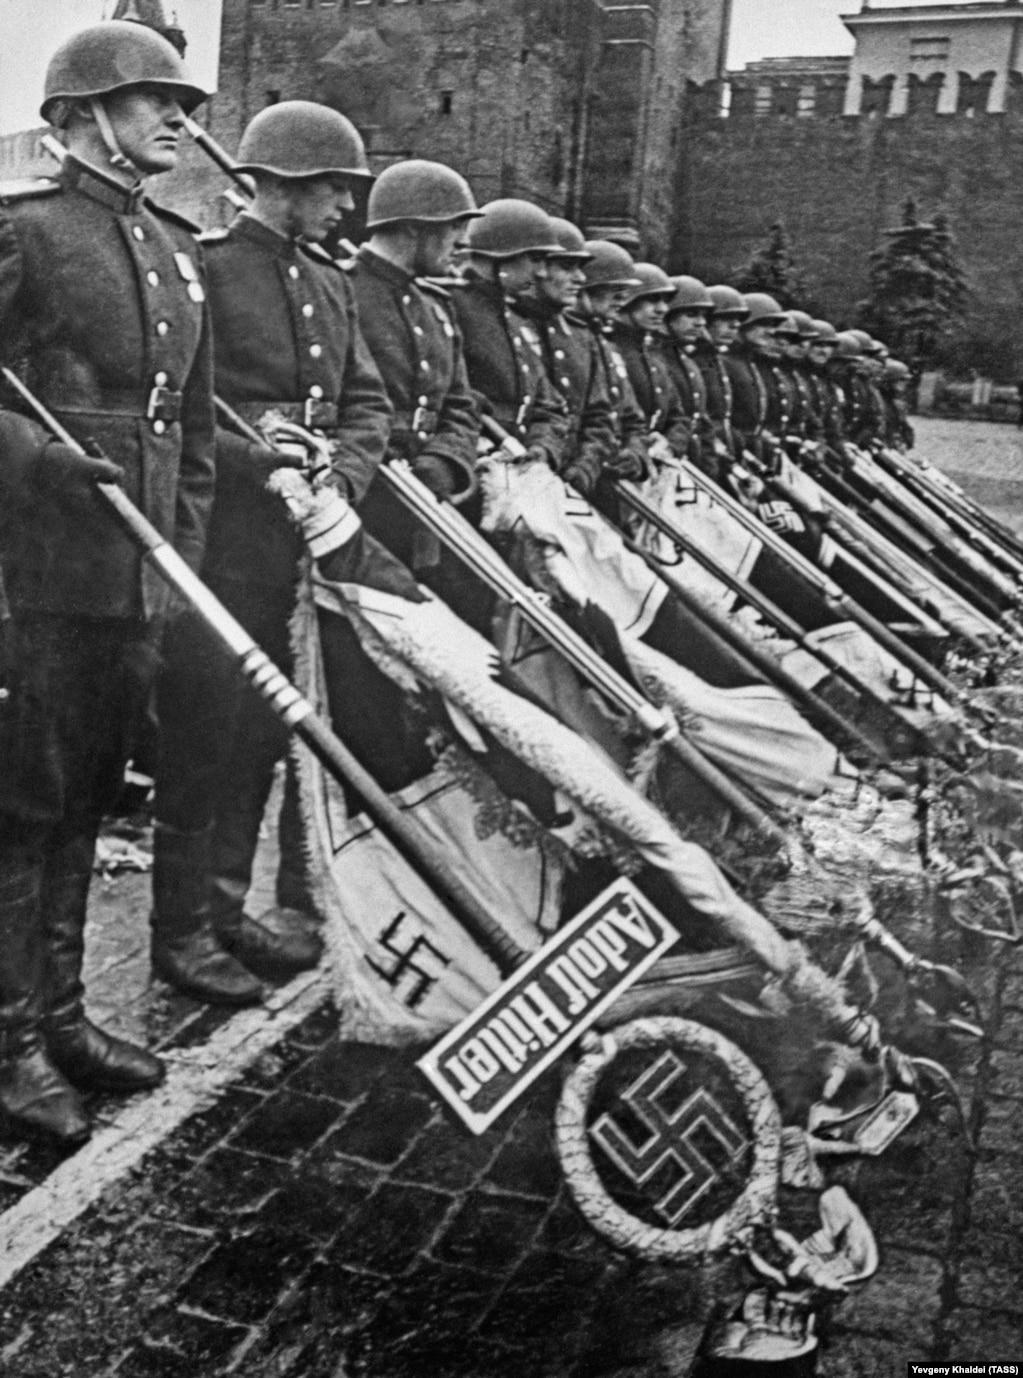 Улуу Ата Мекендик согуштун аяктаганын арналган парадда советтик аскерлер фашисттик армиянын ылдый түшүрүлгөн желектерин кармап турушат. Москва. 24-июнь, 1945-жыл.